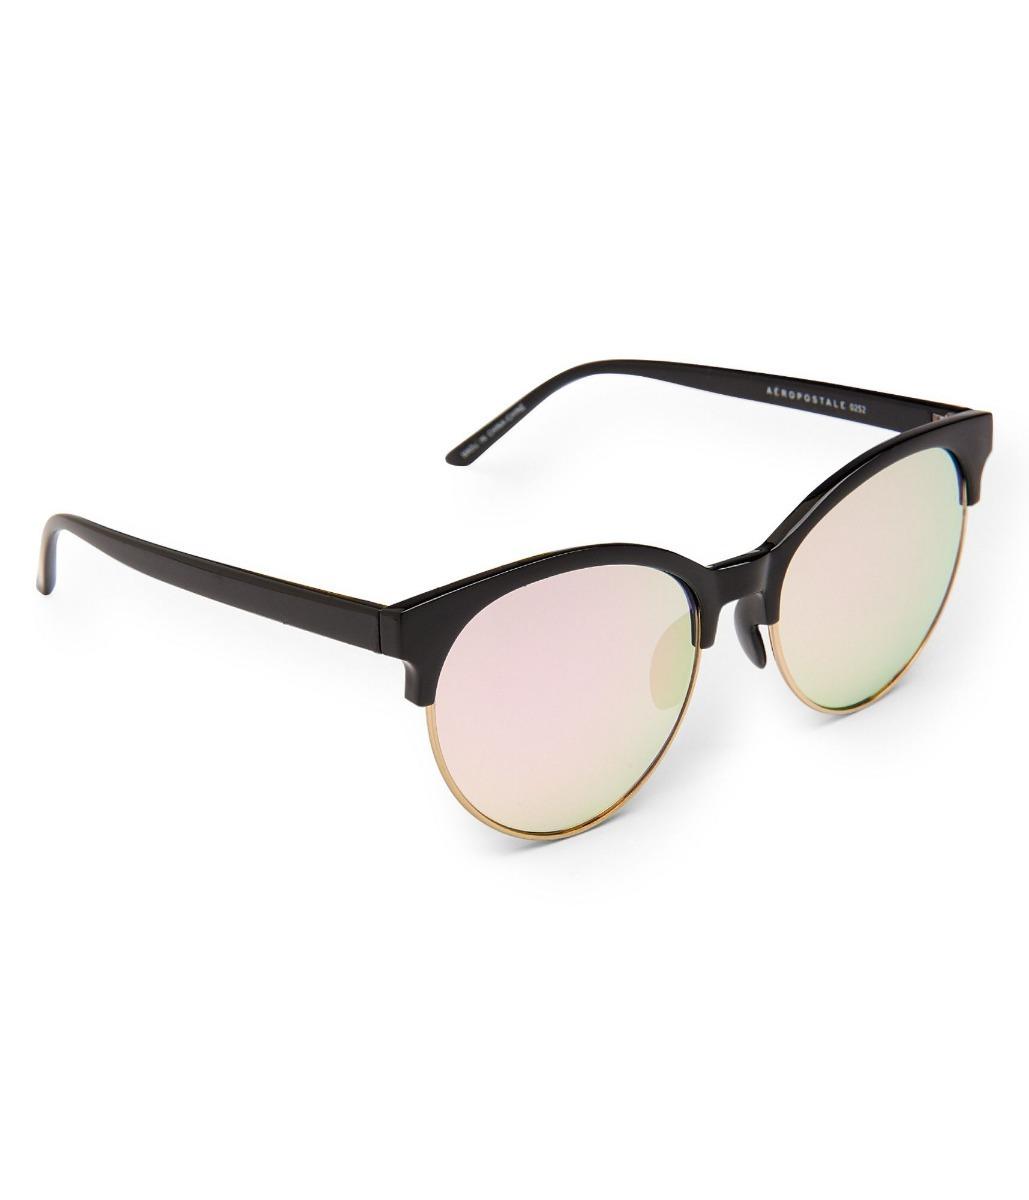 Óculos De Sol Aeropostale Importados Pronta Entrega - R  65,00 em ... d9f89a316a